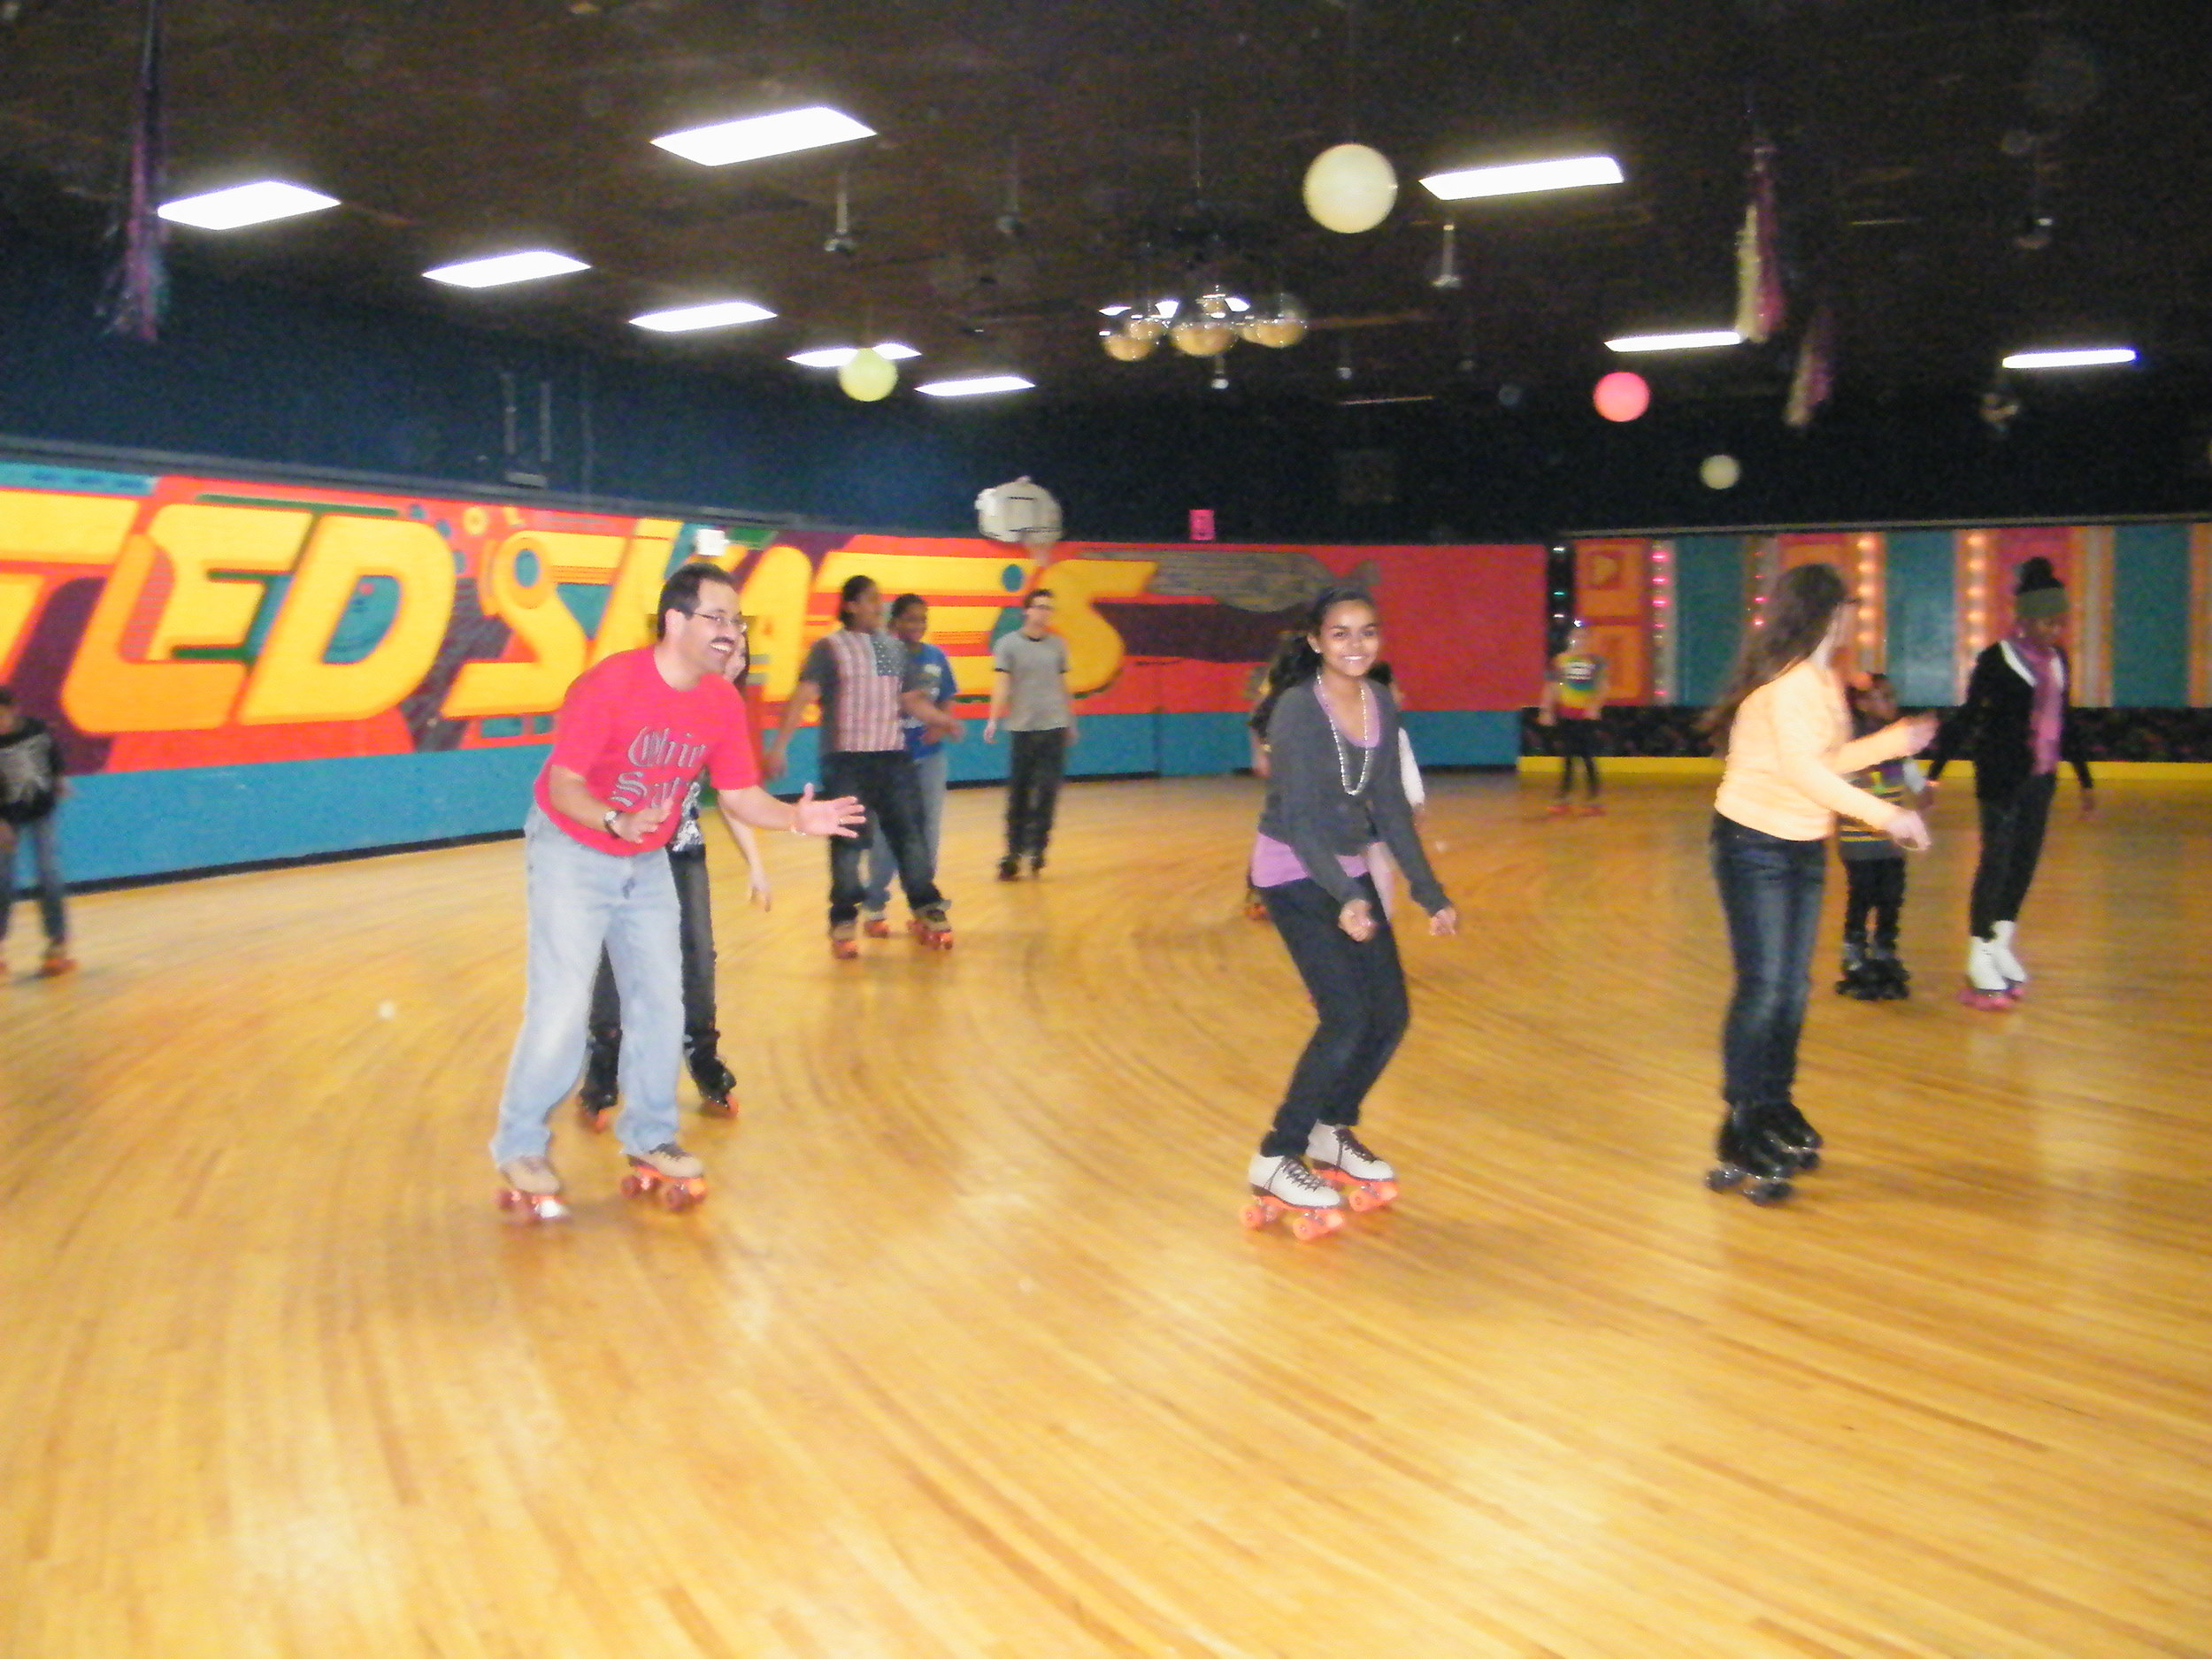 Youth Group Skate Jan 2012 015.jpg